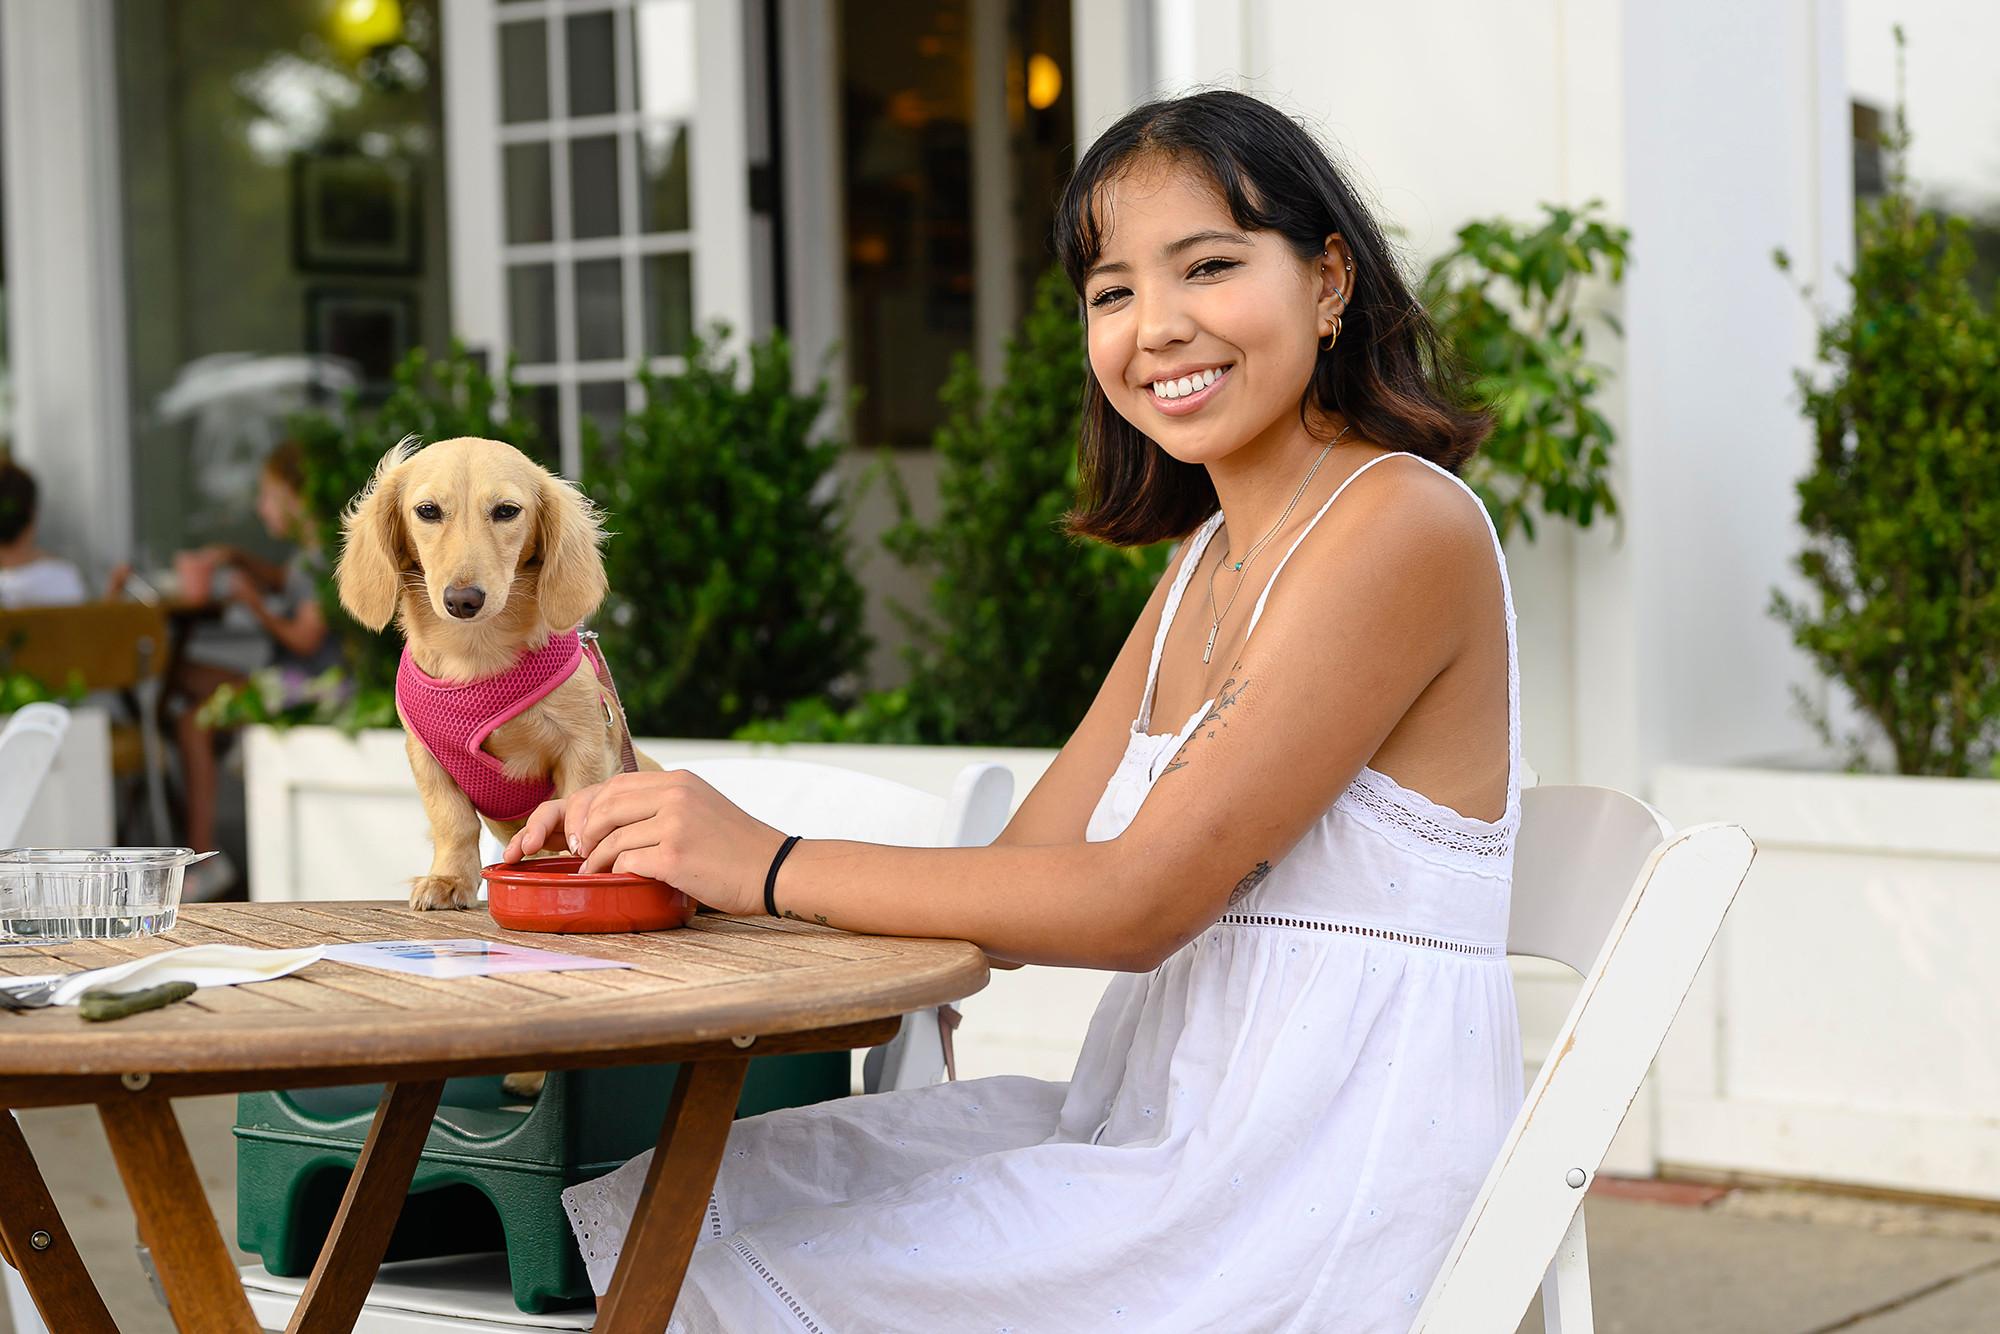 Tiffany và chú chó của cô, Miffy, cùng nhau ăn tối tại nha fhangf nổi tiếng Babettes - nơi cung cấp thực phẩn hữu cơ cho động vật. Ảnh: Nypost